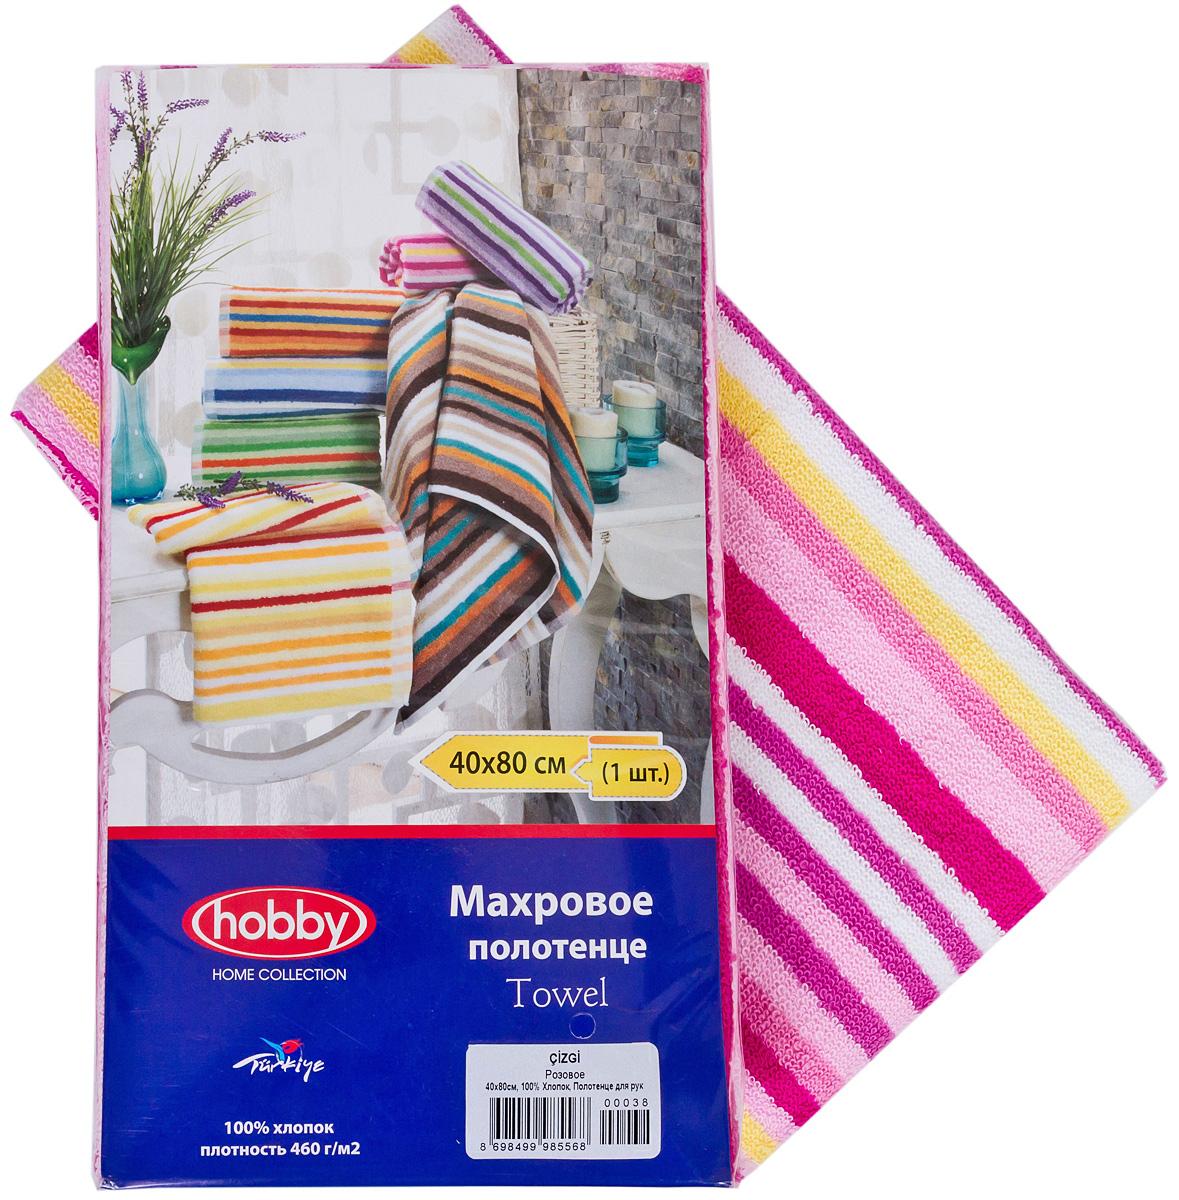 Полотенце Hobby Home Collection Cizgi, цвет: белый, розовый, желтый, 40 х 80 см1501000401Полотенце Hobby Home Collection Cizgi выполнено из 100% хлопка. Изделие отлично впитывает влагу, быстро сохнет, сохраняет яркость цвета и не теряет форму даже после многократных стирок. Такое полотенце очень практично и неприхотливо в уходе. А простой, но стильный дизайн полотенца позволит ему вписаться даже в классический интерьер ванной комнаты.